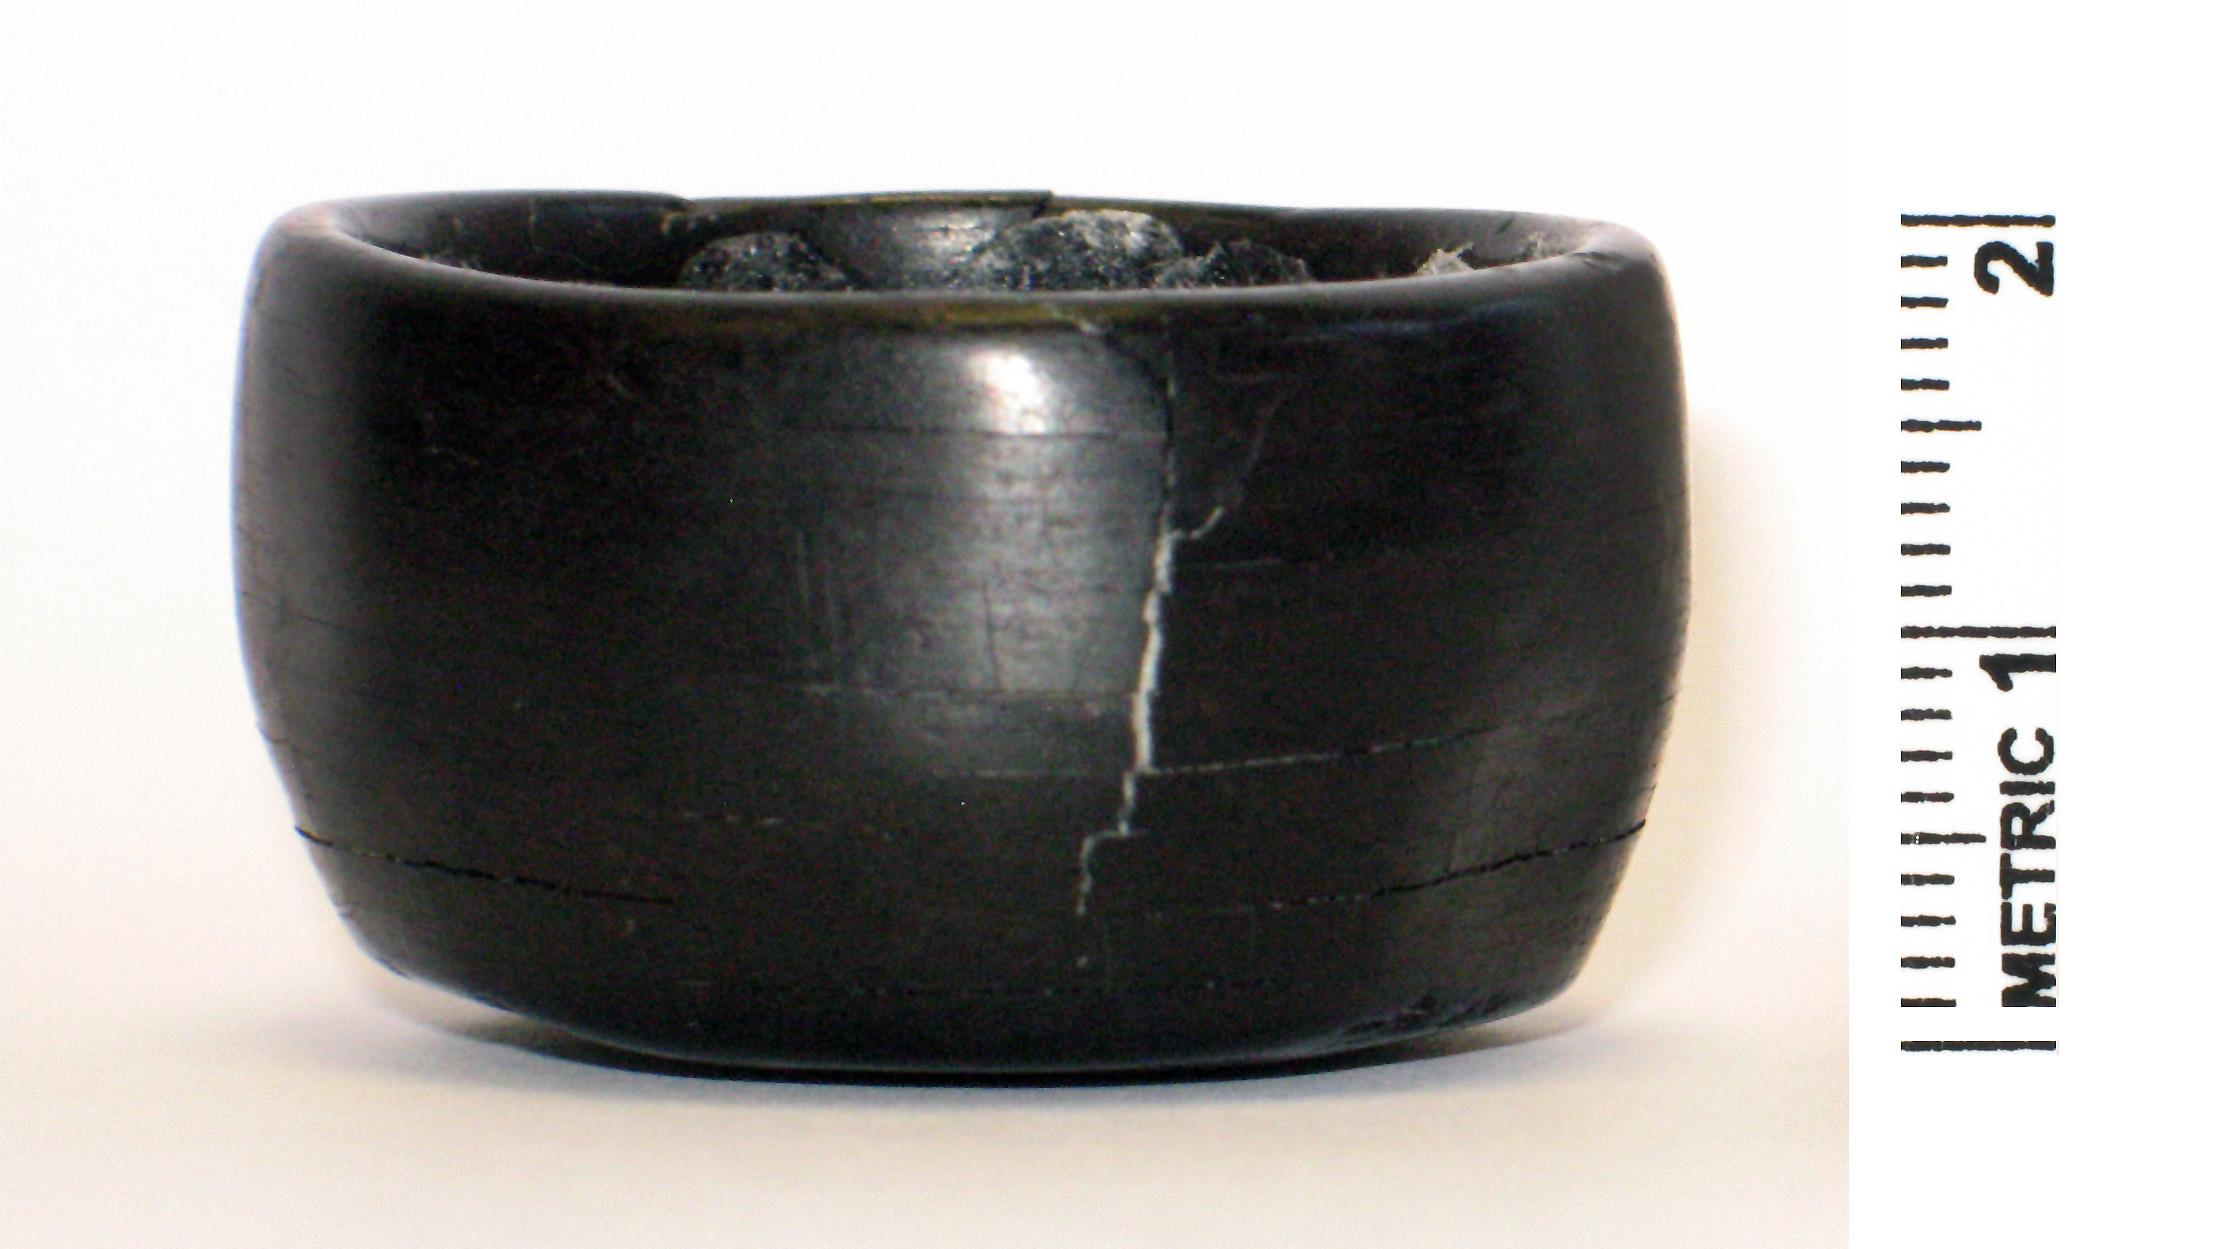 Cet étrange objet cylindrique, fait de schiste, a été découvert dans l'une des anciennes tombes.  Il peut avoir fait partie d'un personnel de cérémonie ou d'un club.